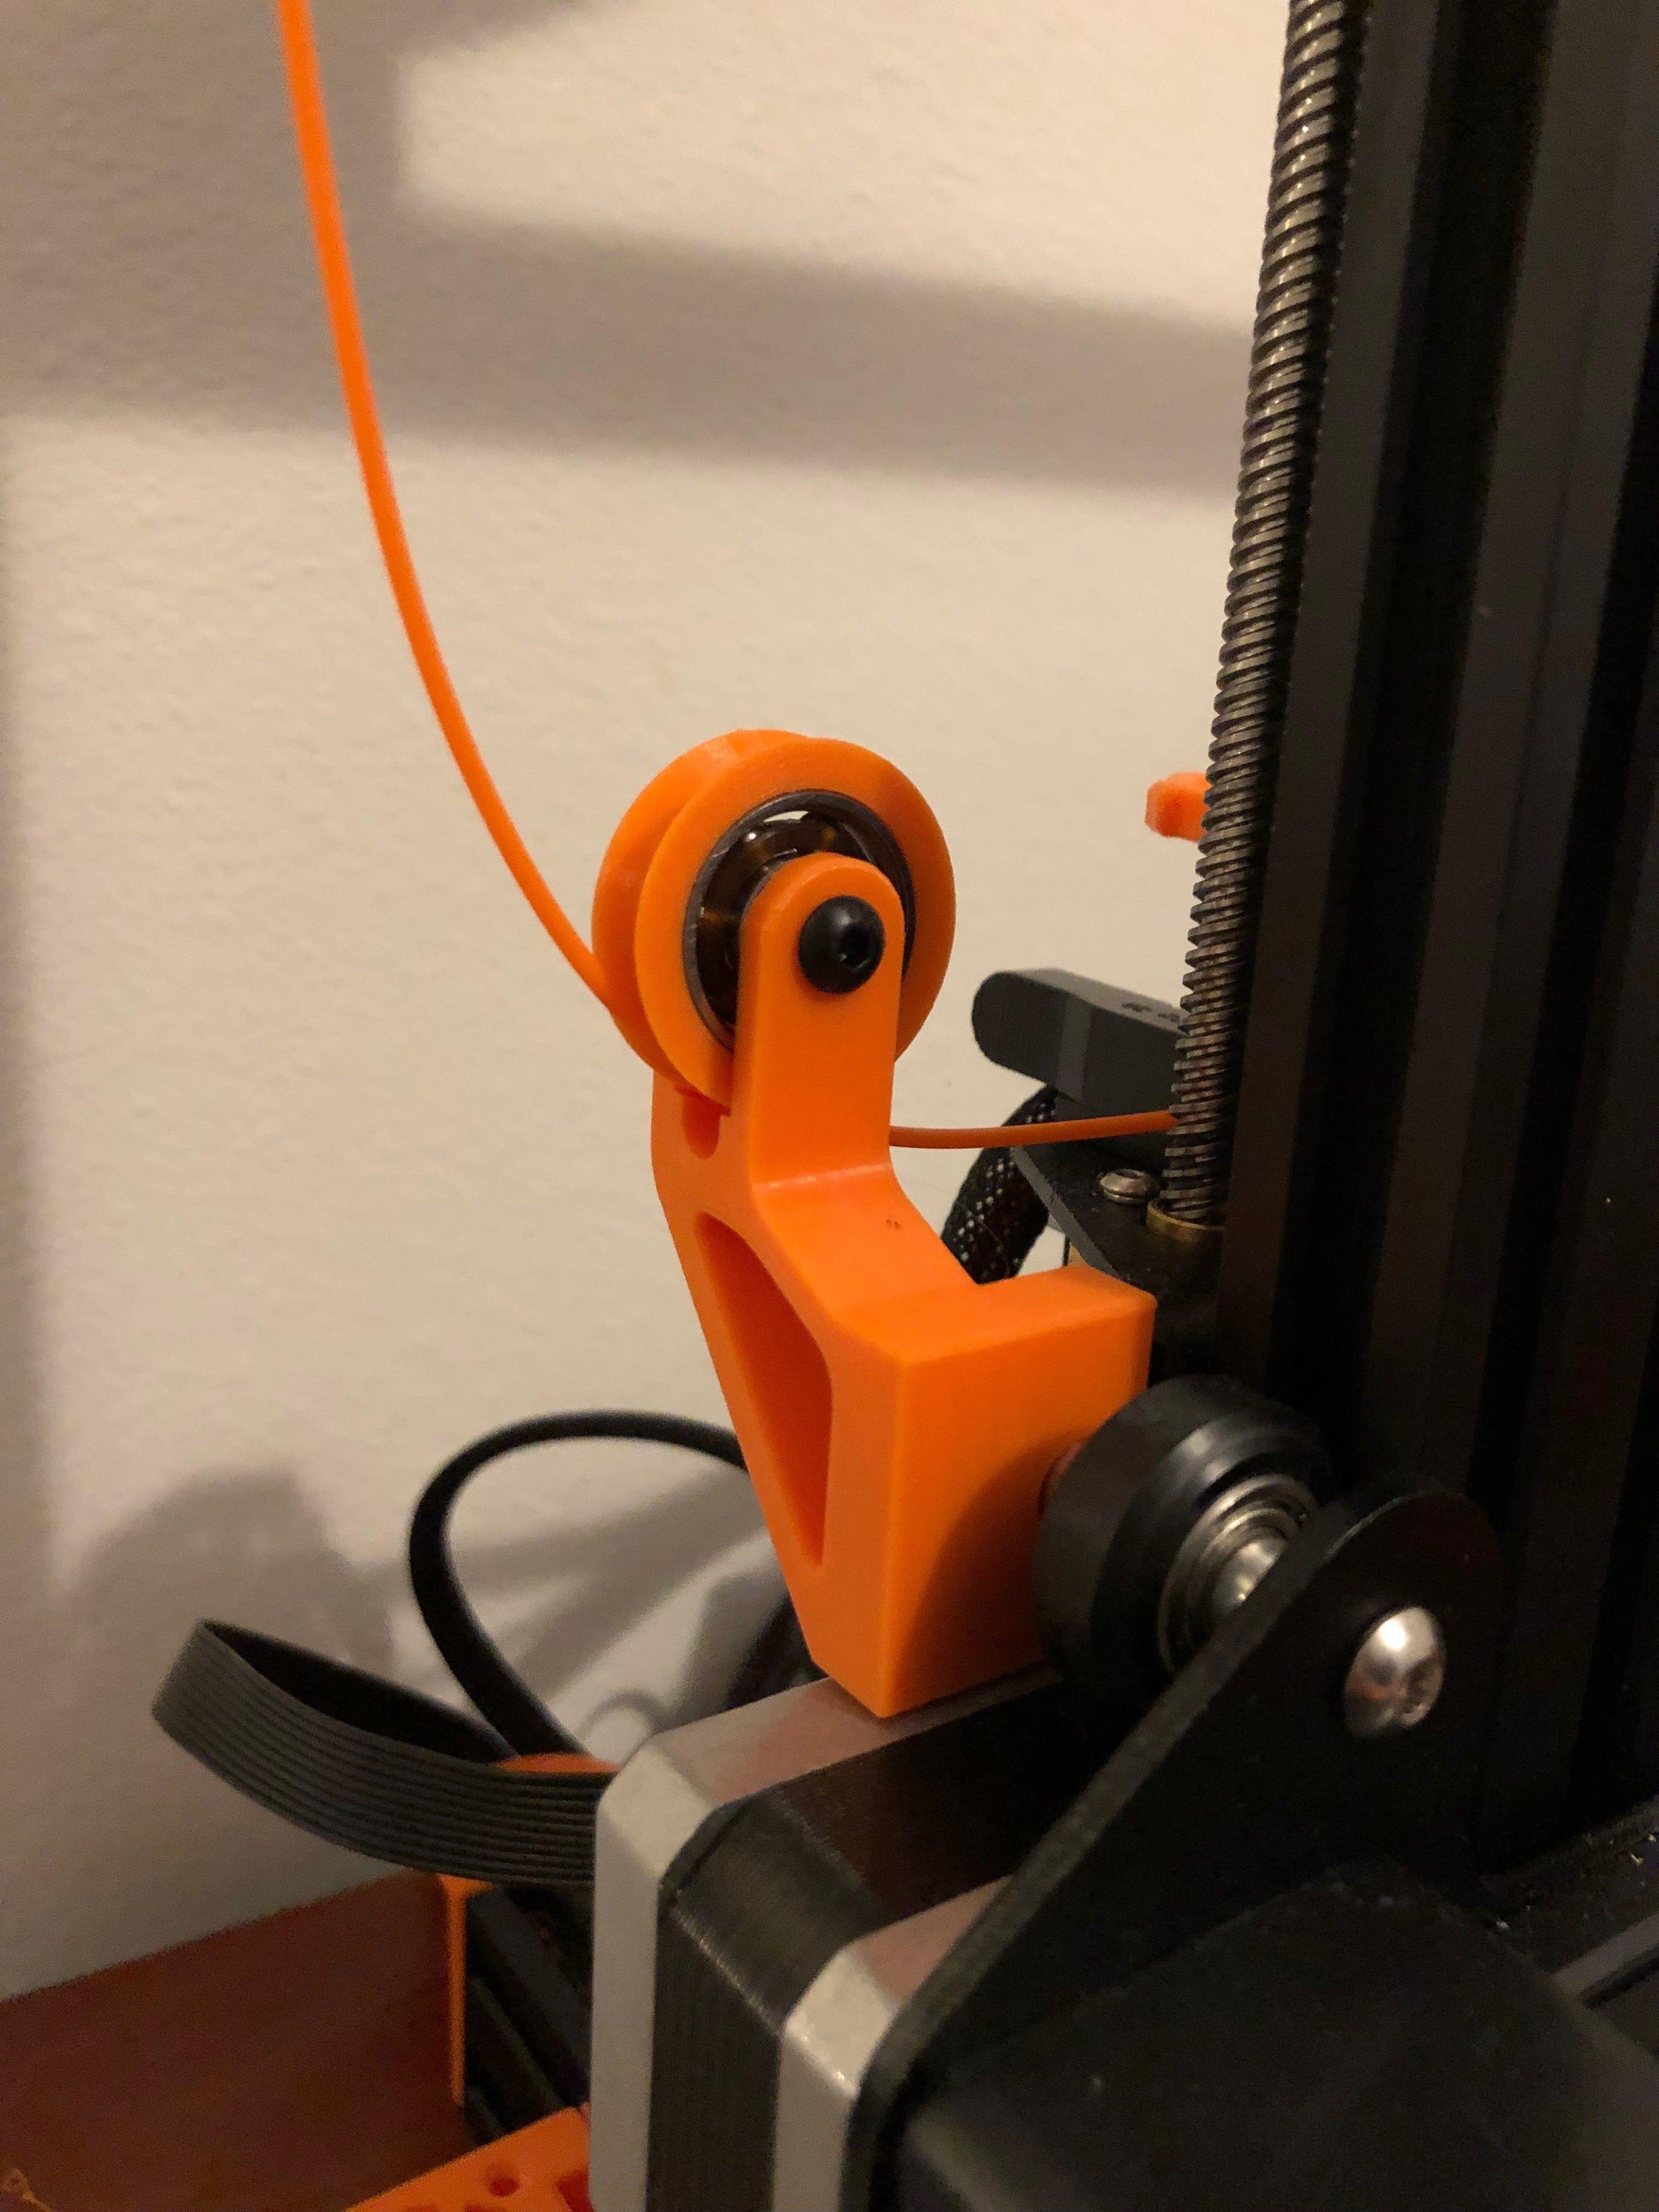 Ender 3 Filamentrollenfuhrung Von Holspeed Thingiverse 3d Printing Diy 3d Printer 3d Printer Designs